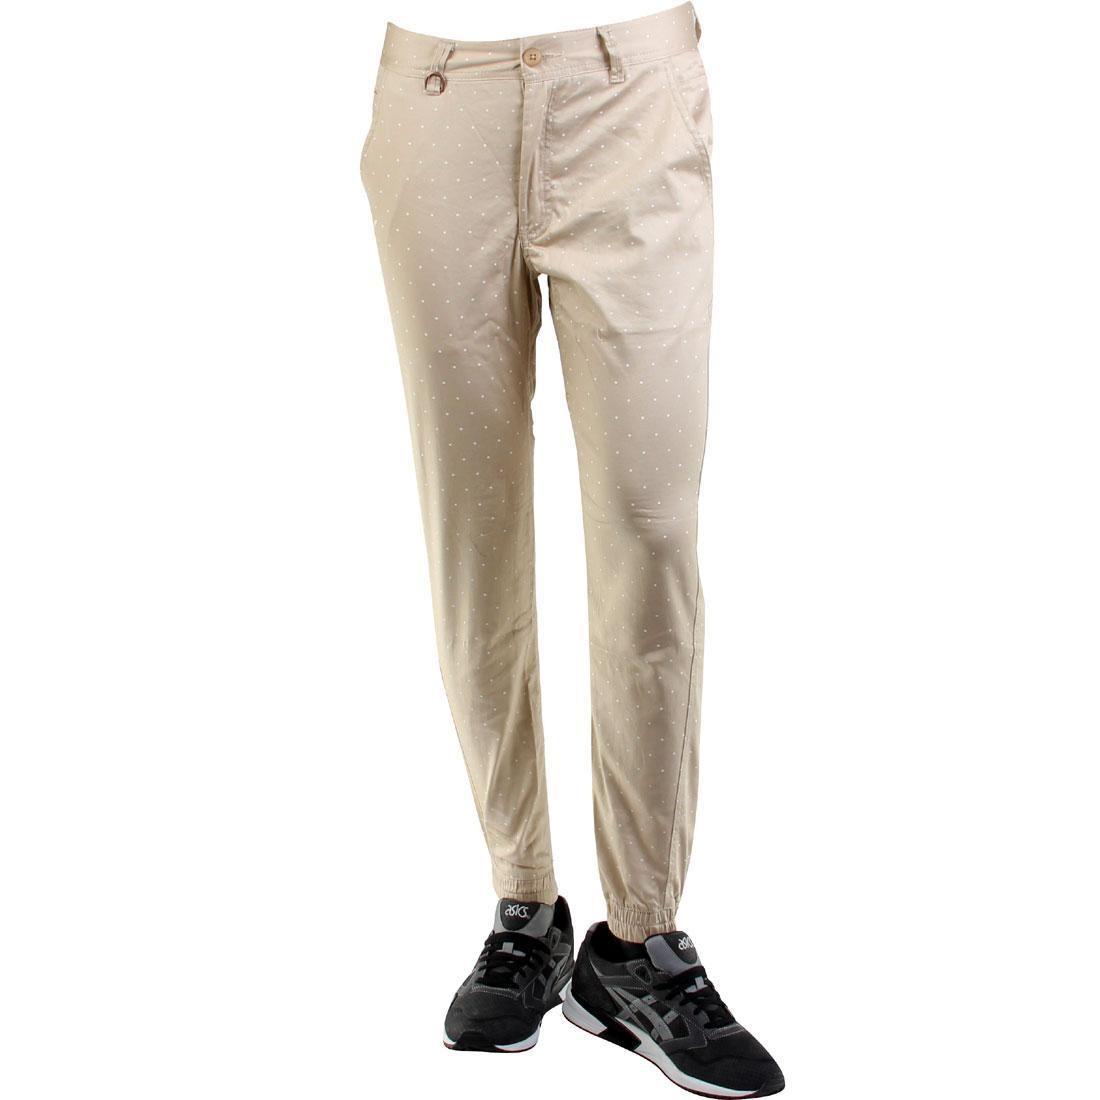 パブリッシュ ジョガーパンツ 【 PUBLISH NATO 3M POLKADOTA PRINTED JOGGER PANTS TAN 】 メンズファッション ズボン パンツ